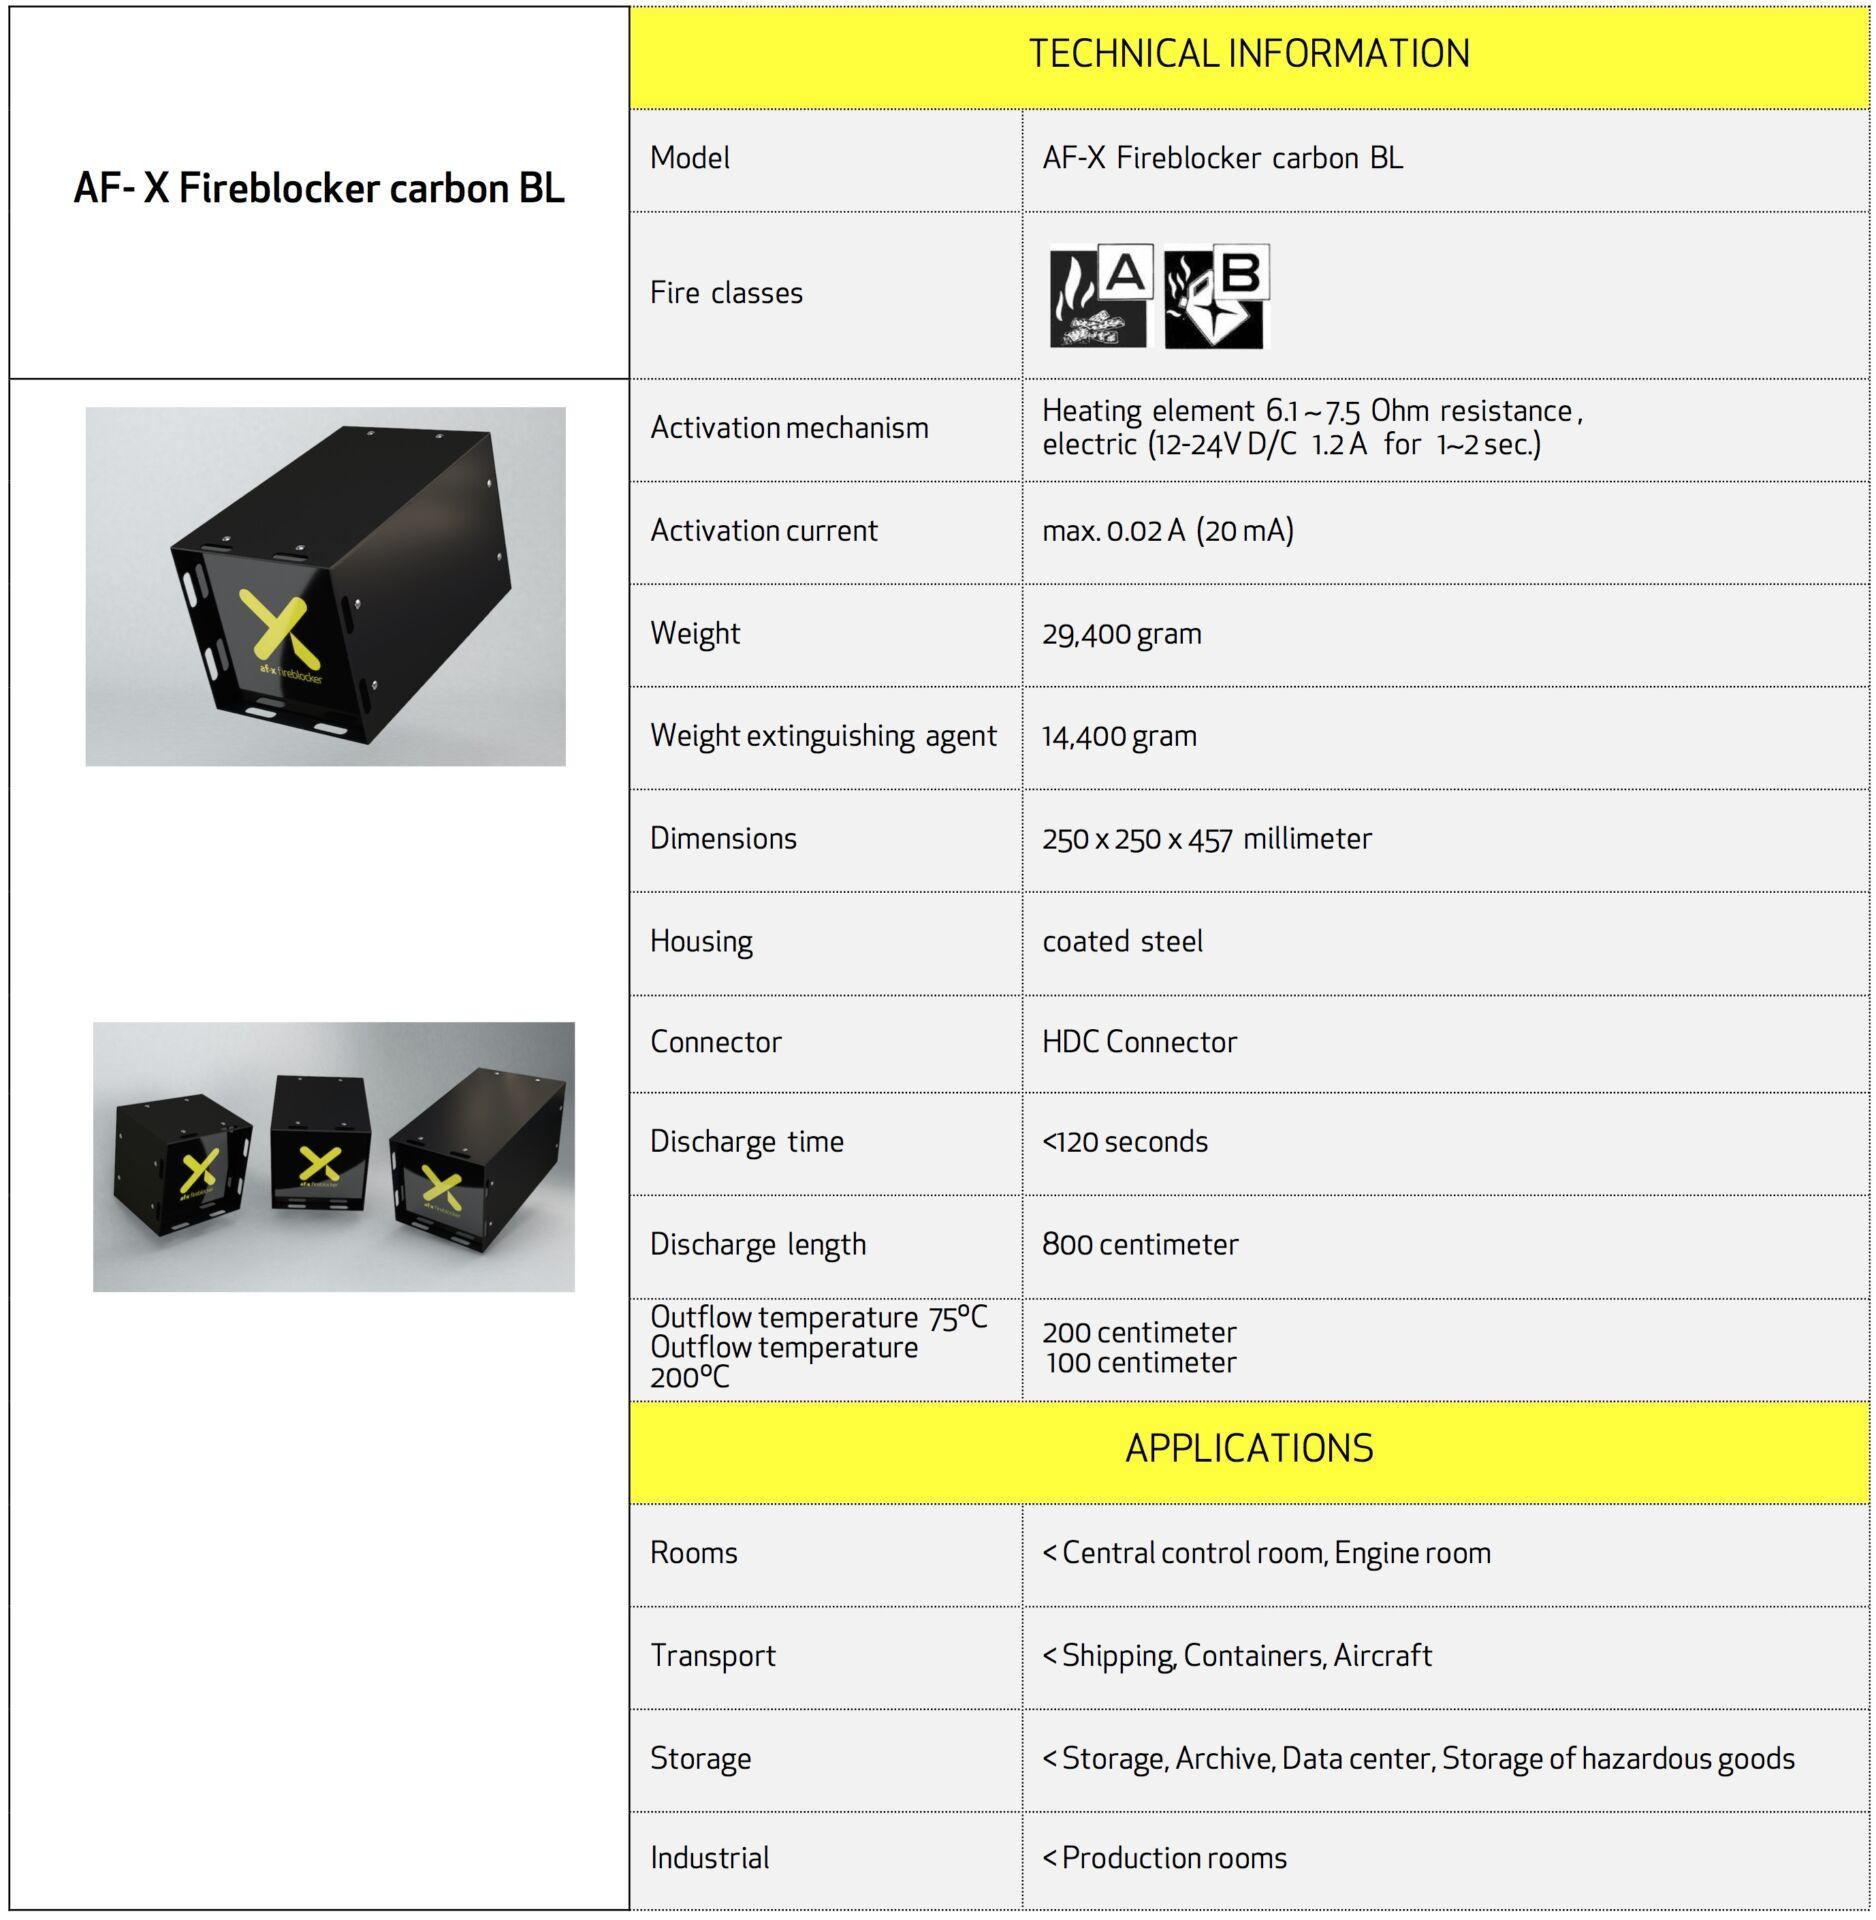 AF-X Fireblocker carbon BL UK